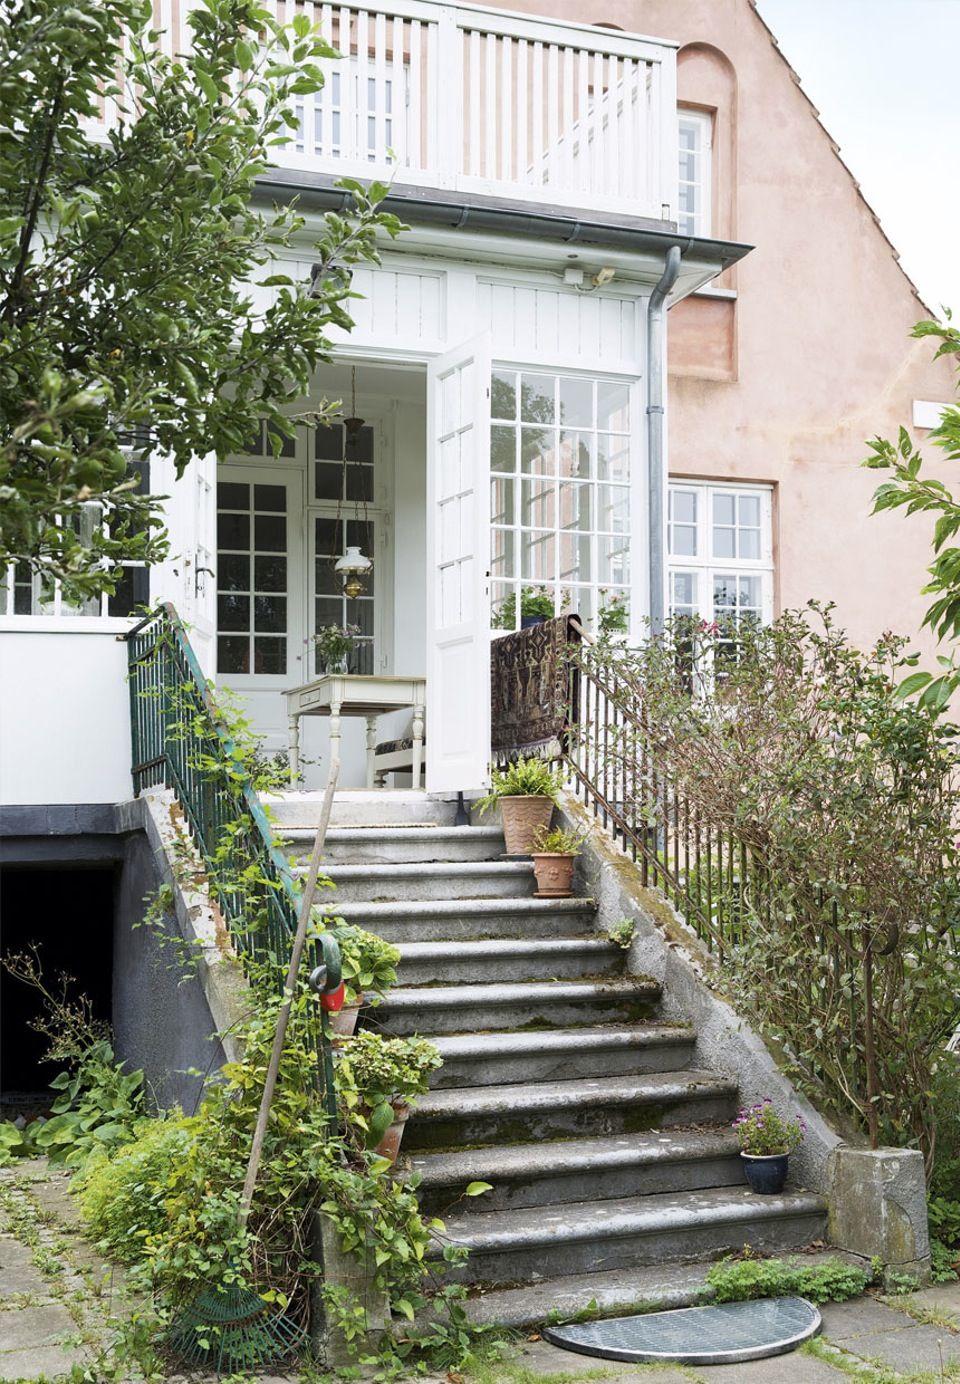 Comenzamos la semana con elegancia, desde una casa de unos 164 metros cuadrados ubicada en Dinamarca. Para su decoración se han utilizado materiales, muebles y accesorios que aportan elegancia a ca…